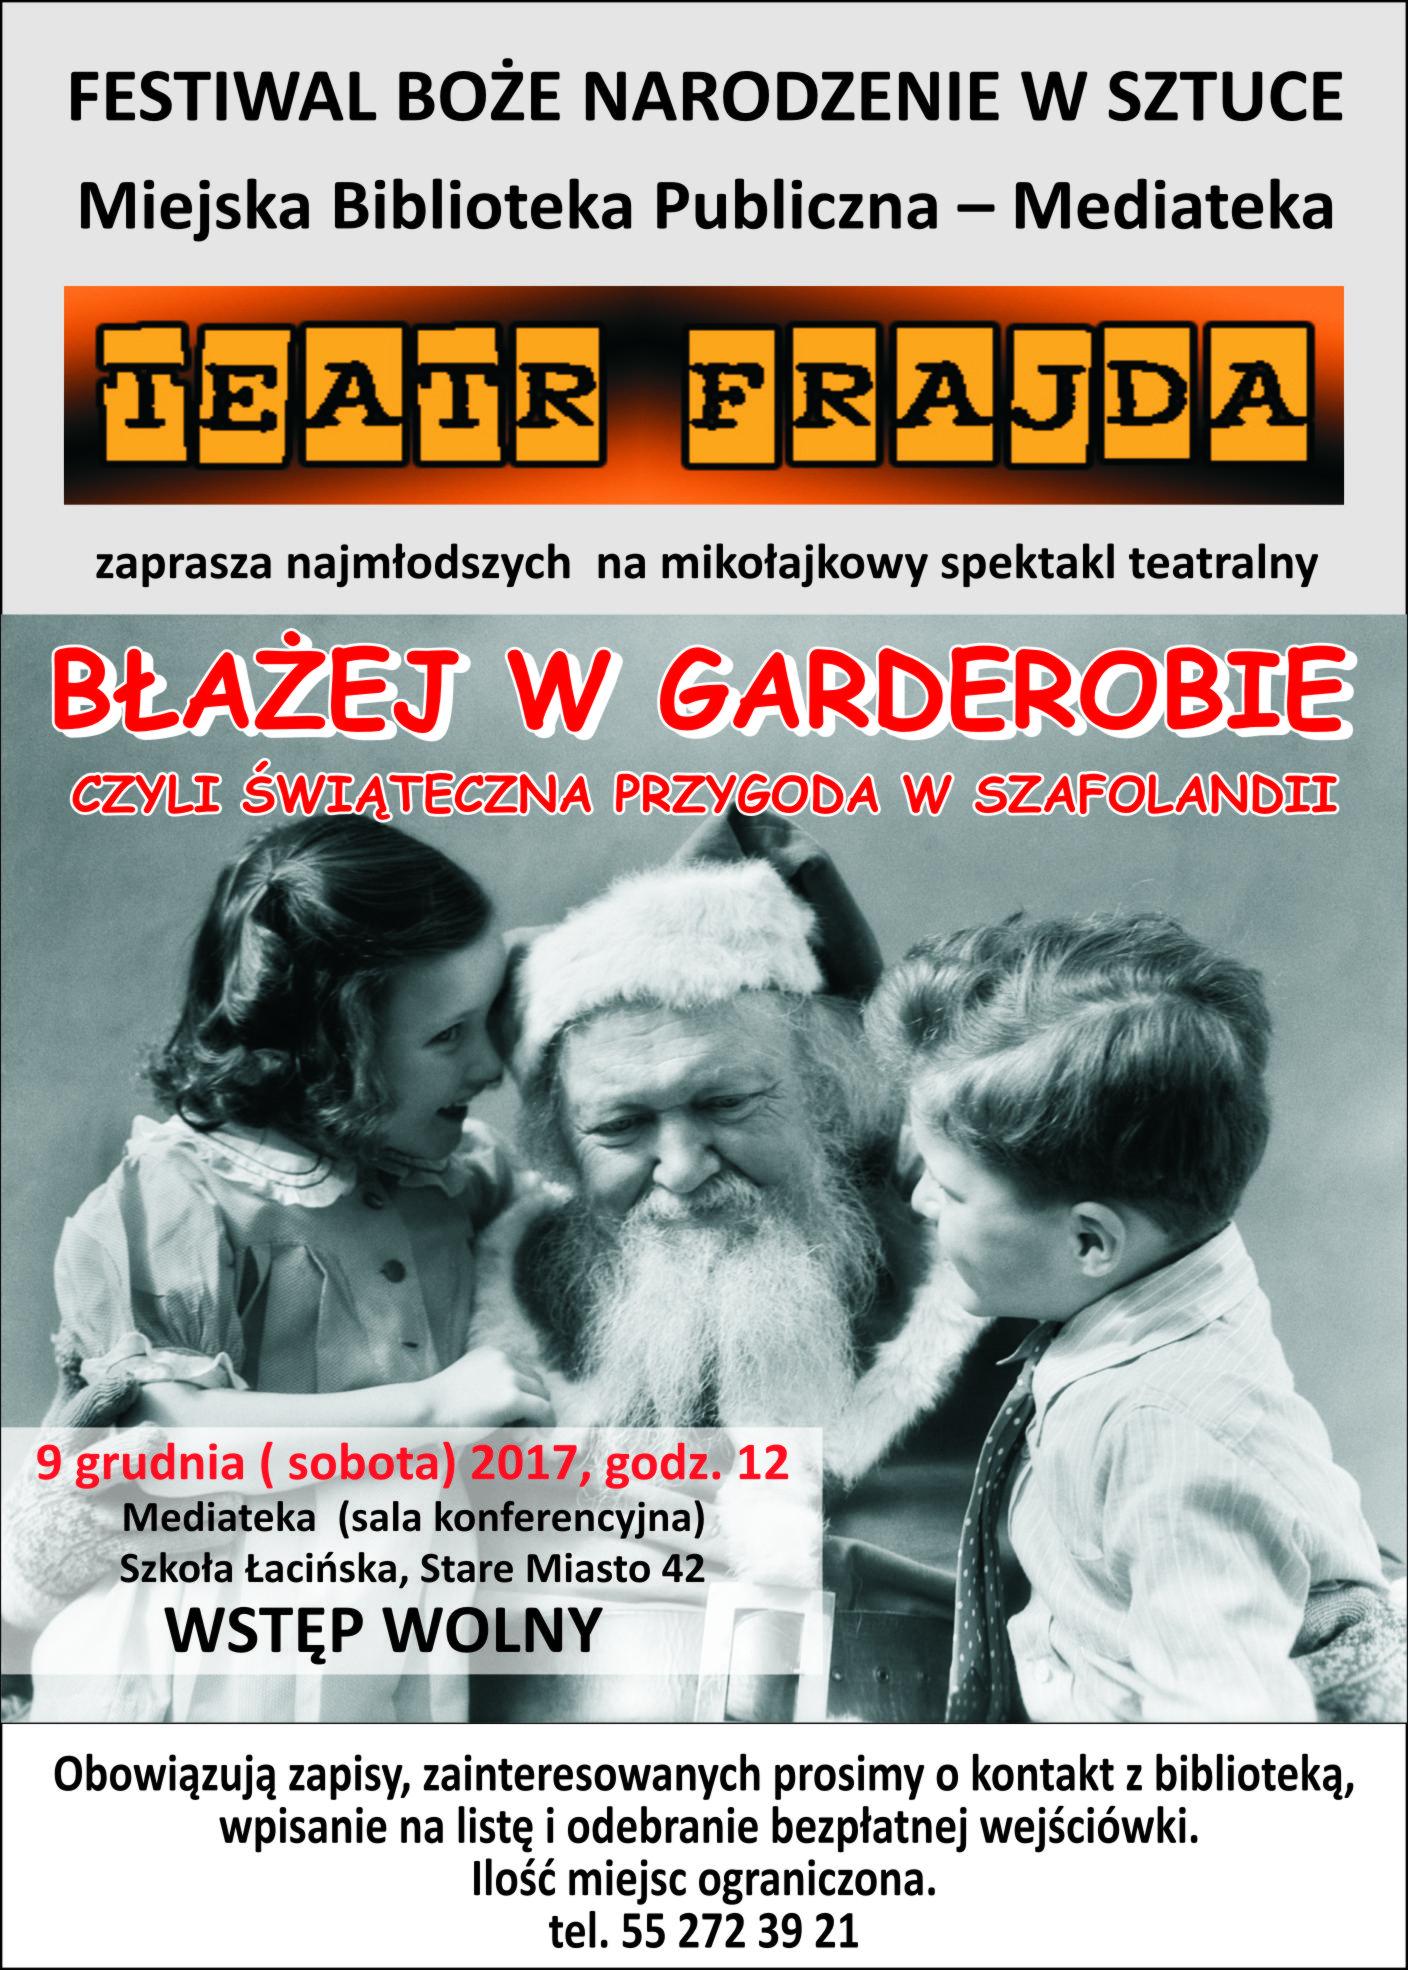 http://m.82-200.pl/2017/11/orig/blazej-plakat-2059.jpg